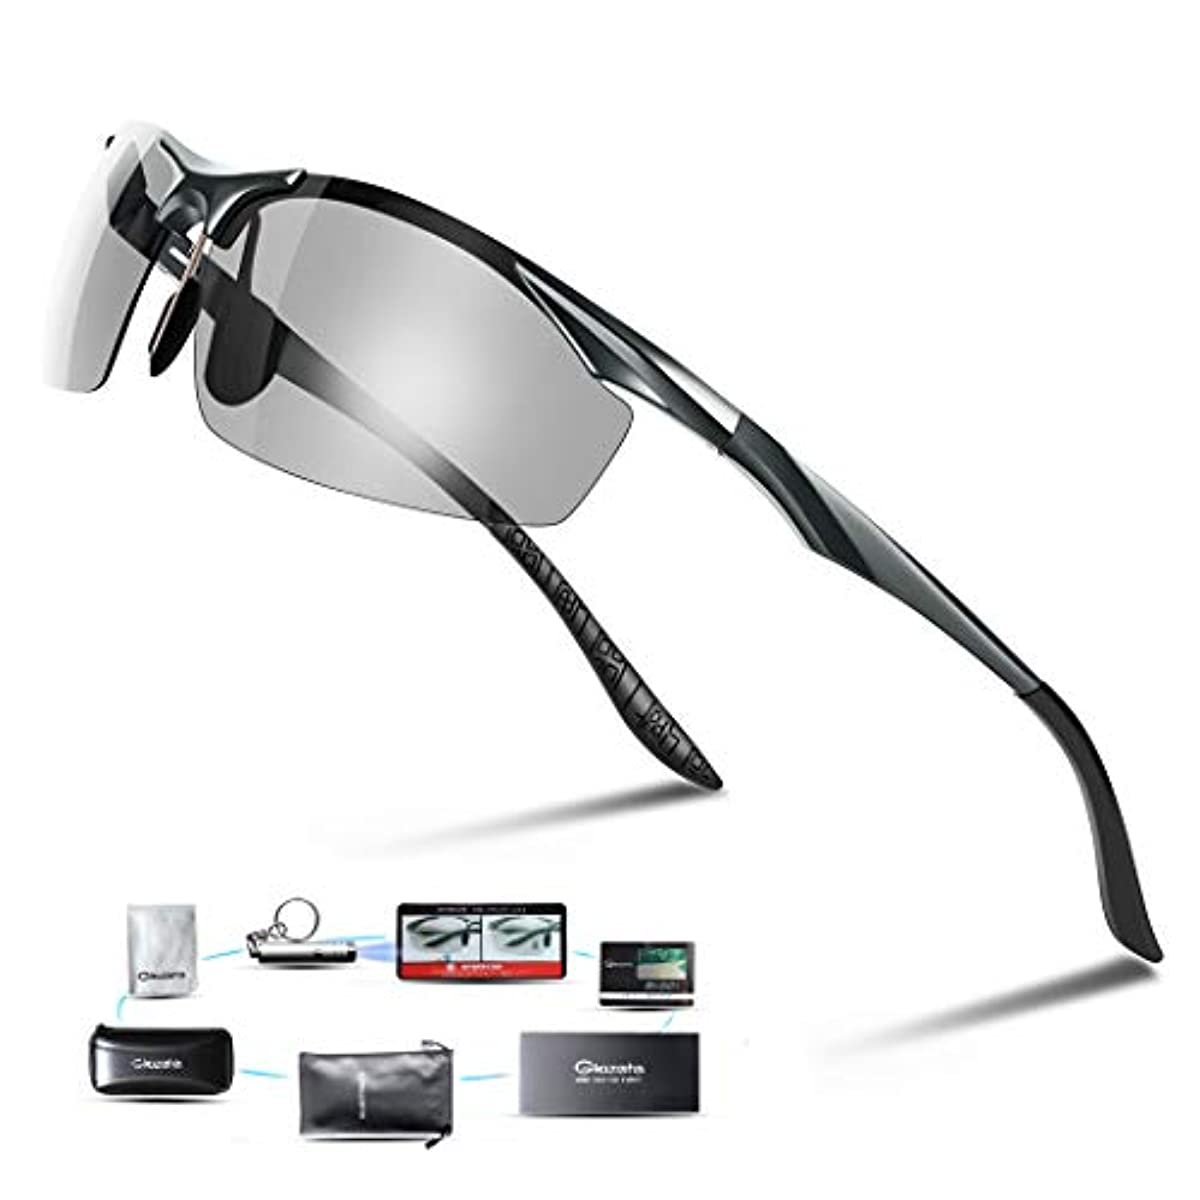 [해외] GLAZATA 편광 썬글라스 UV400 자외선 컷 초경량 메탈 프레임 스포츠 썬글라스 드라이어이브/야구/자전거/낚시/런닝/골프/운전 남녀 겸용